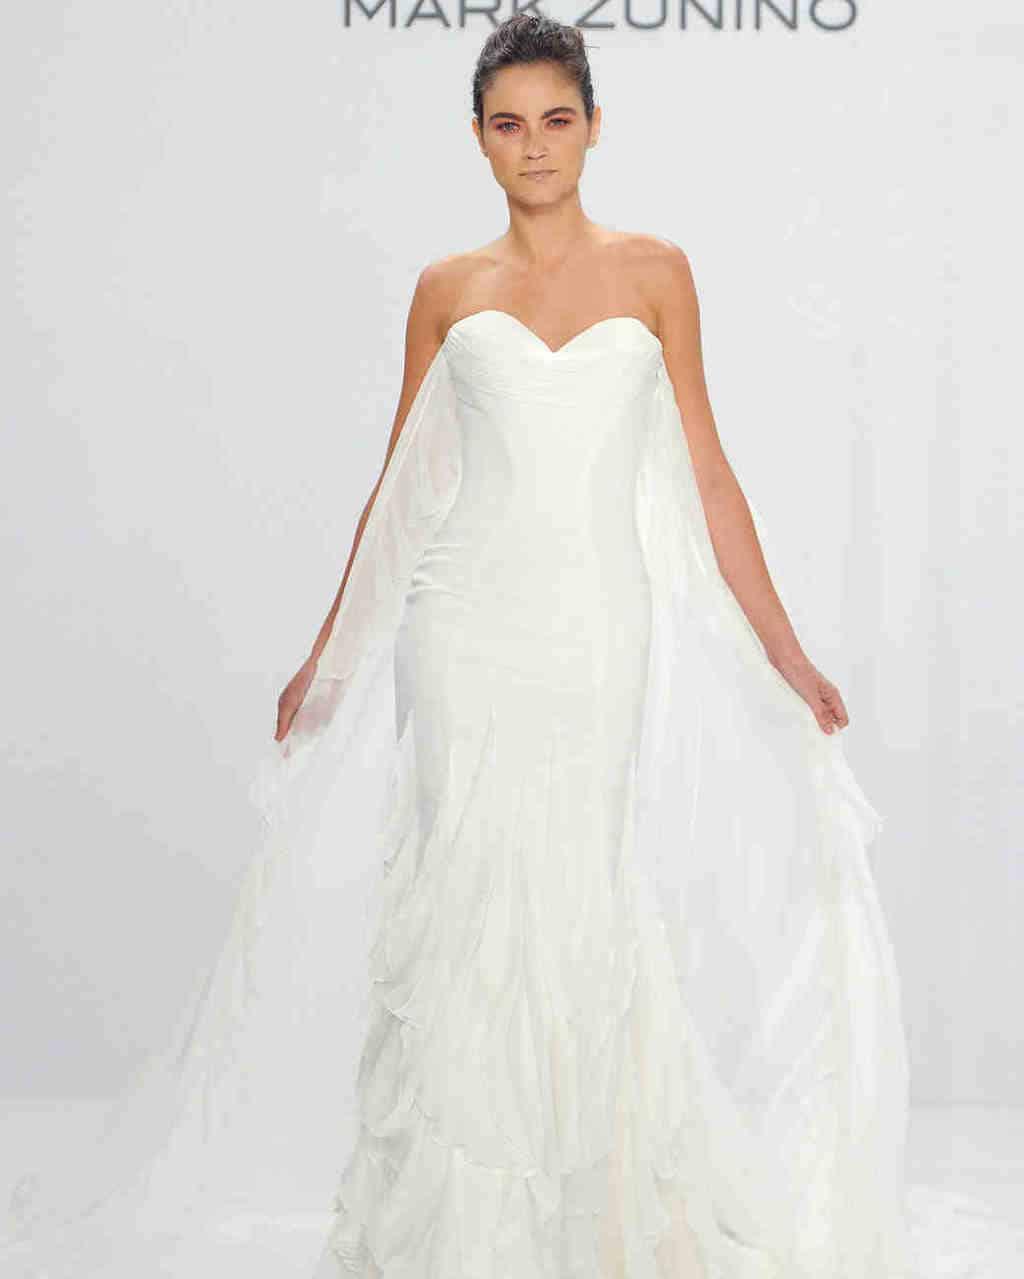 vestido-de-noiva-sem-renda-mark-zunino-fall2017-5